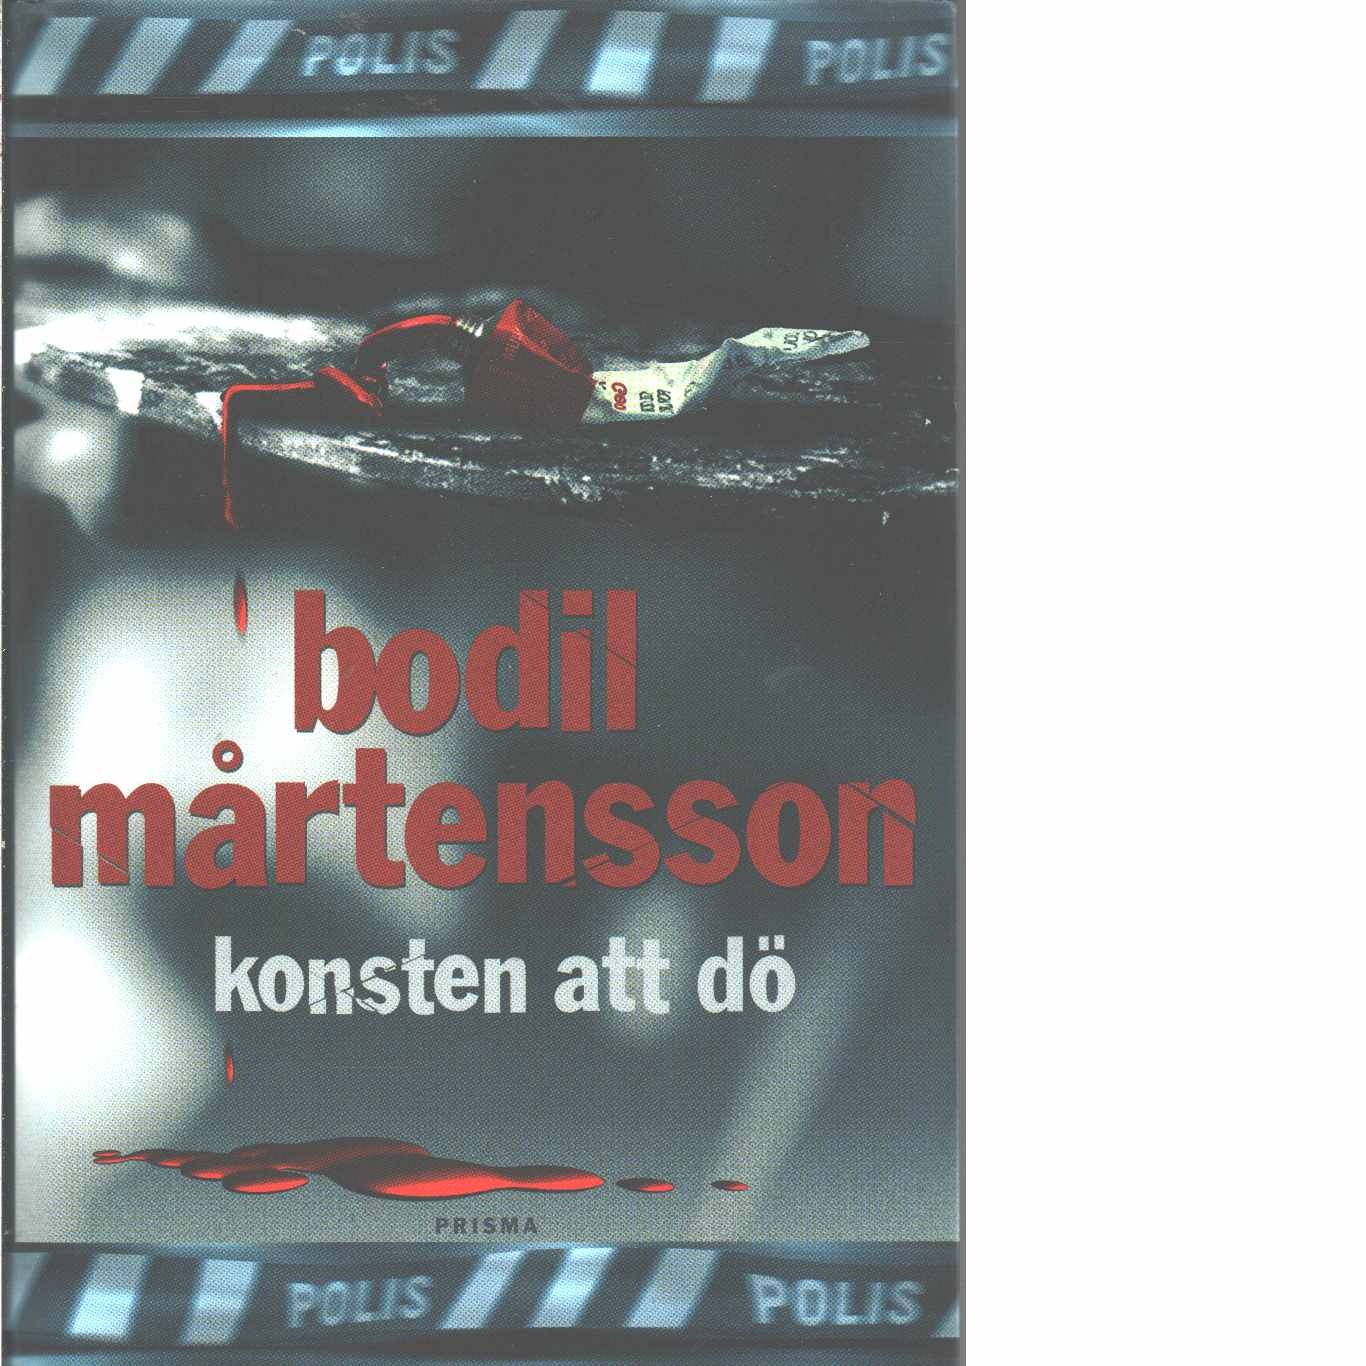 Konsten att dö - Mårtensson, Bodil